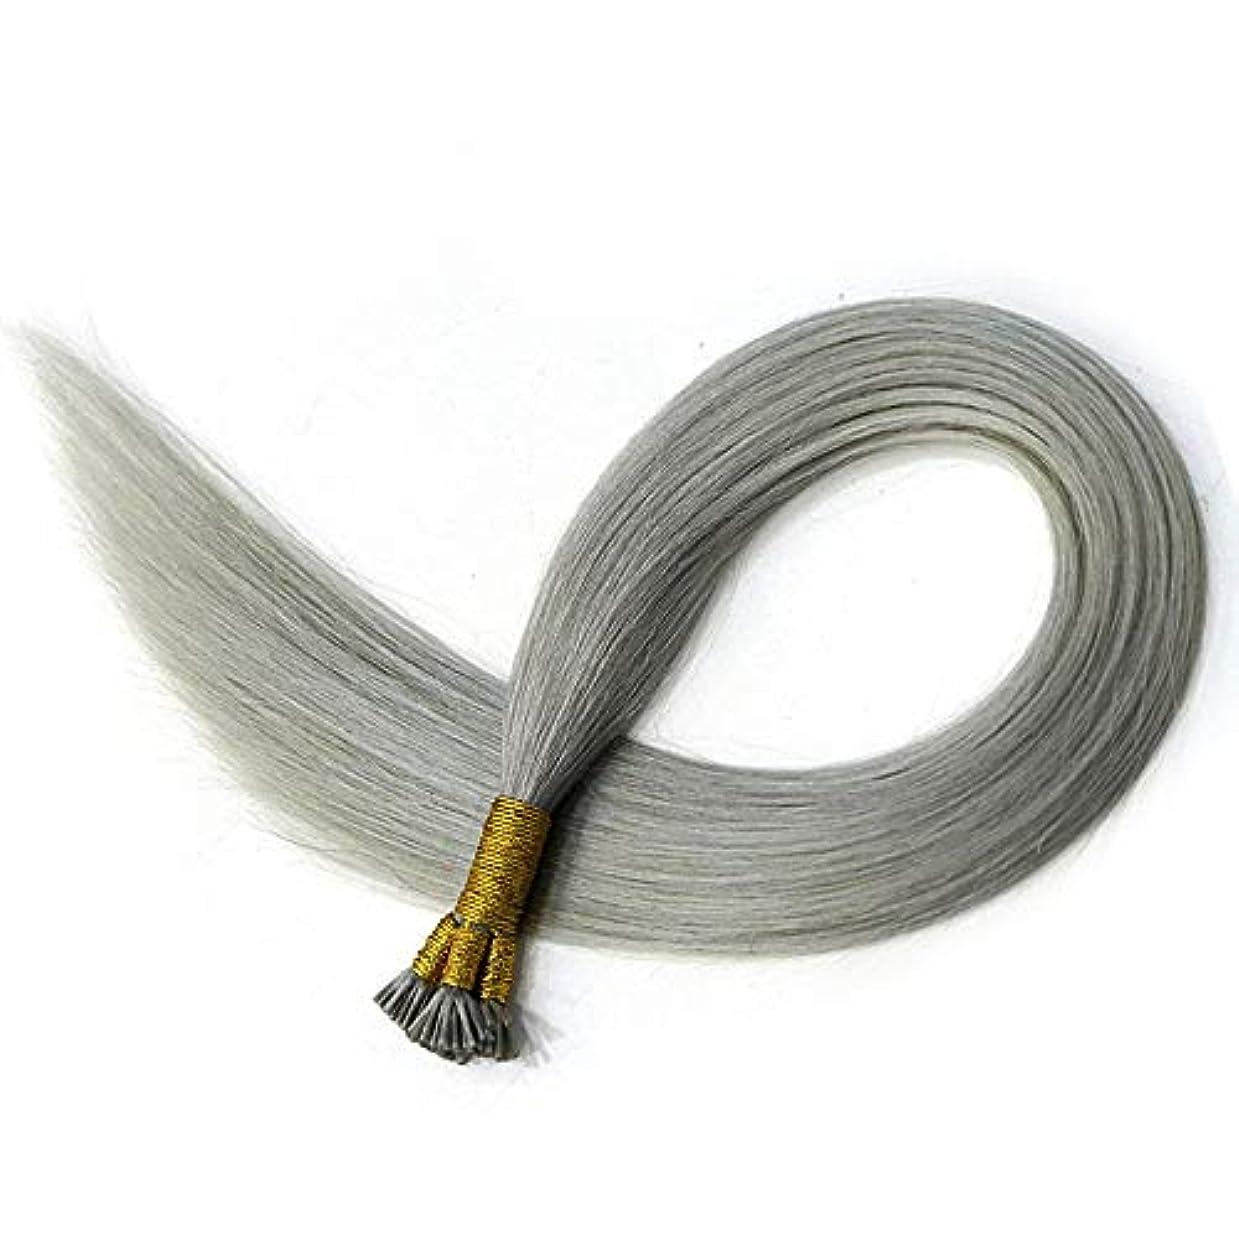 奨学金円形の歯車WASAIO ヘアエクステンション人毛スリヴァー灰色デュアル描かれたネイルヘアエクステンション100グラム/パック (色 : グレー, サイズ : 16 inch)